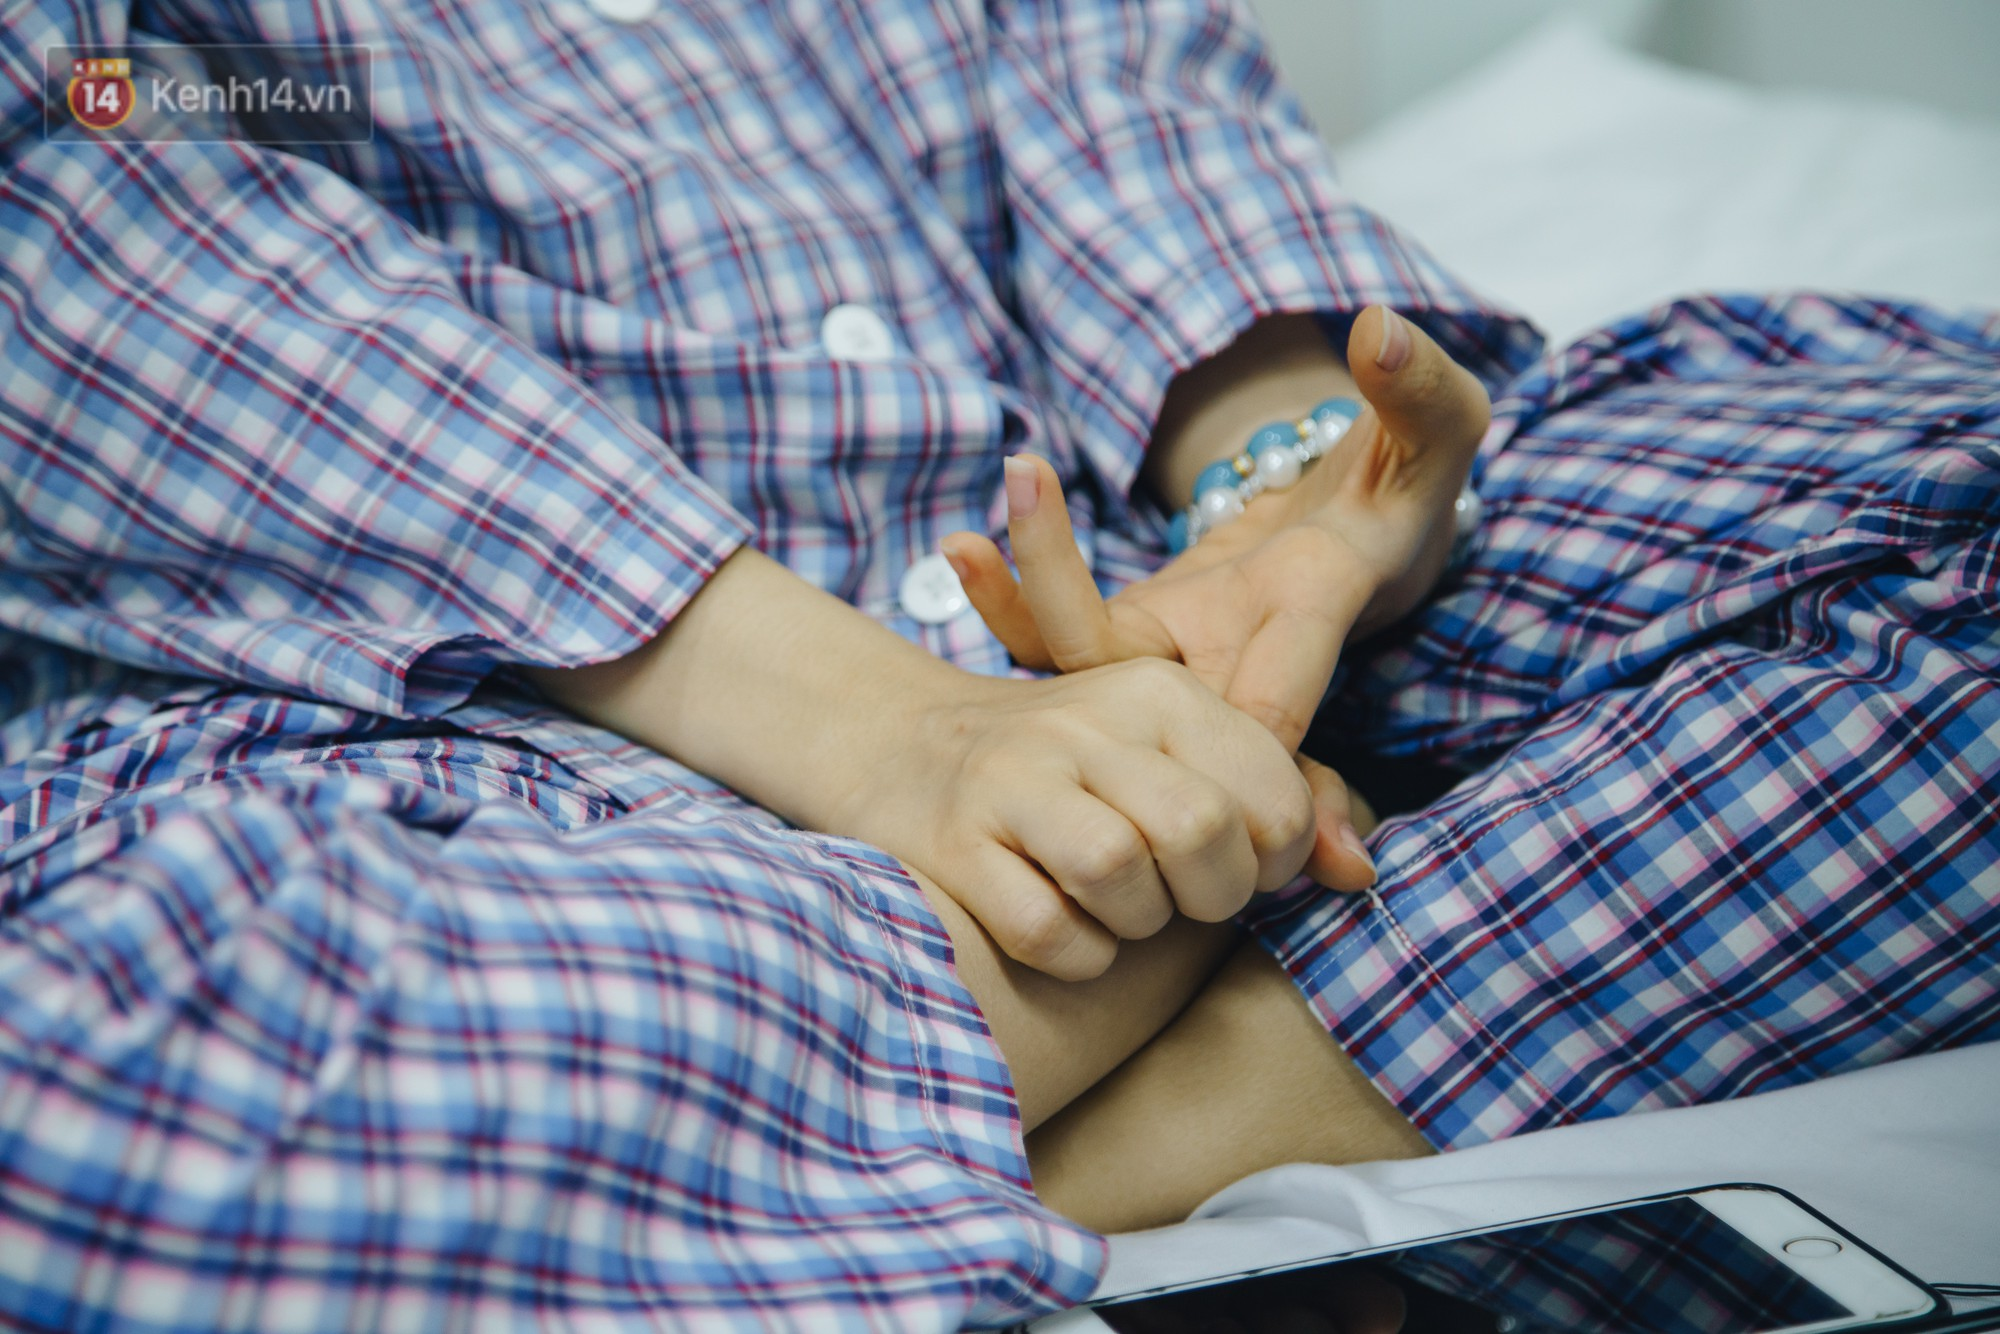 Thức đến 2h sáng, ăn đồ xào rán và lê la quán hàng - Thói quen của cô giáo 24 tuổi mắc ung thư gan giai đoạn 3 trở thành lời cảnh tỉnh người trẻ - Ảnh 2.